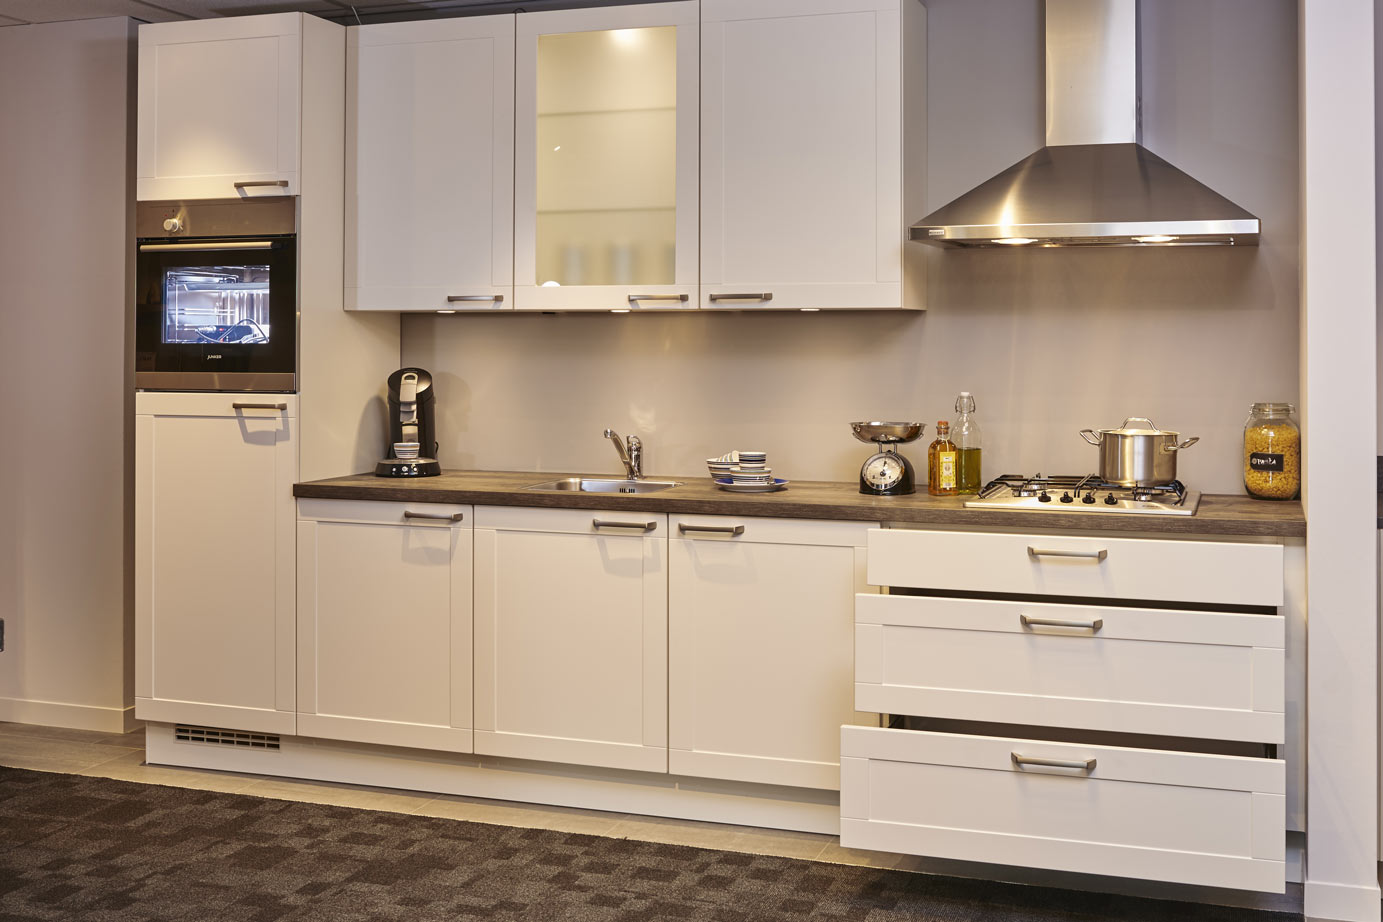 Simpele keuken kleur in de keuken tijdens feestdagen foodies prijzen badkamers u keukens bokt - Prijzen bulthaup b ...